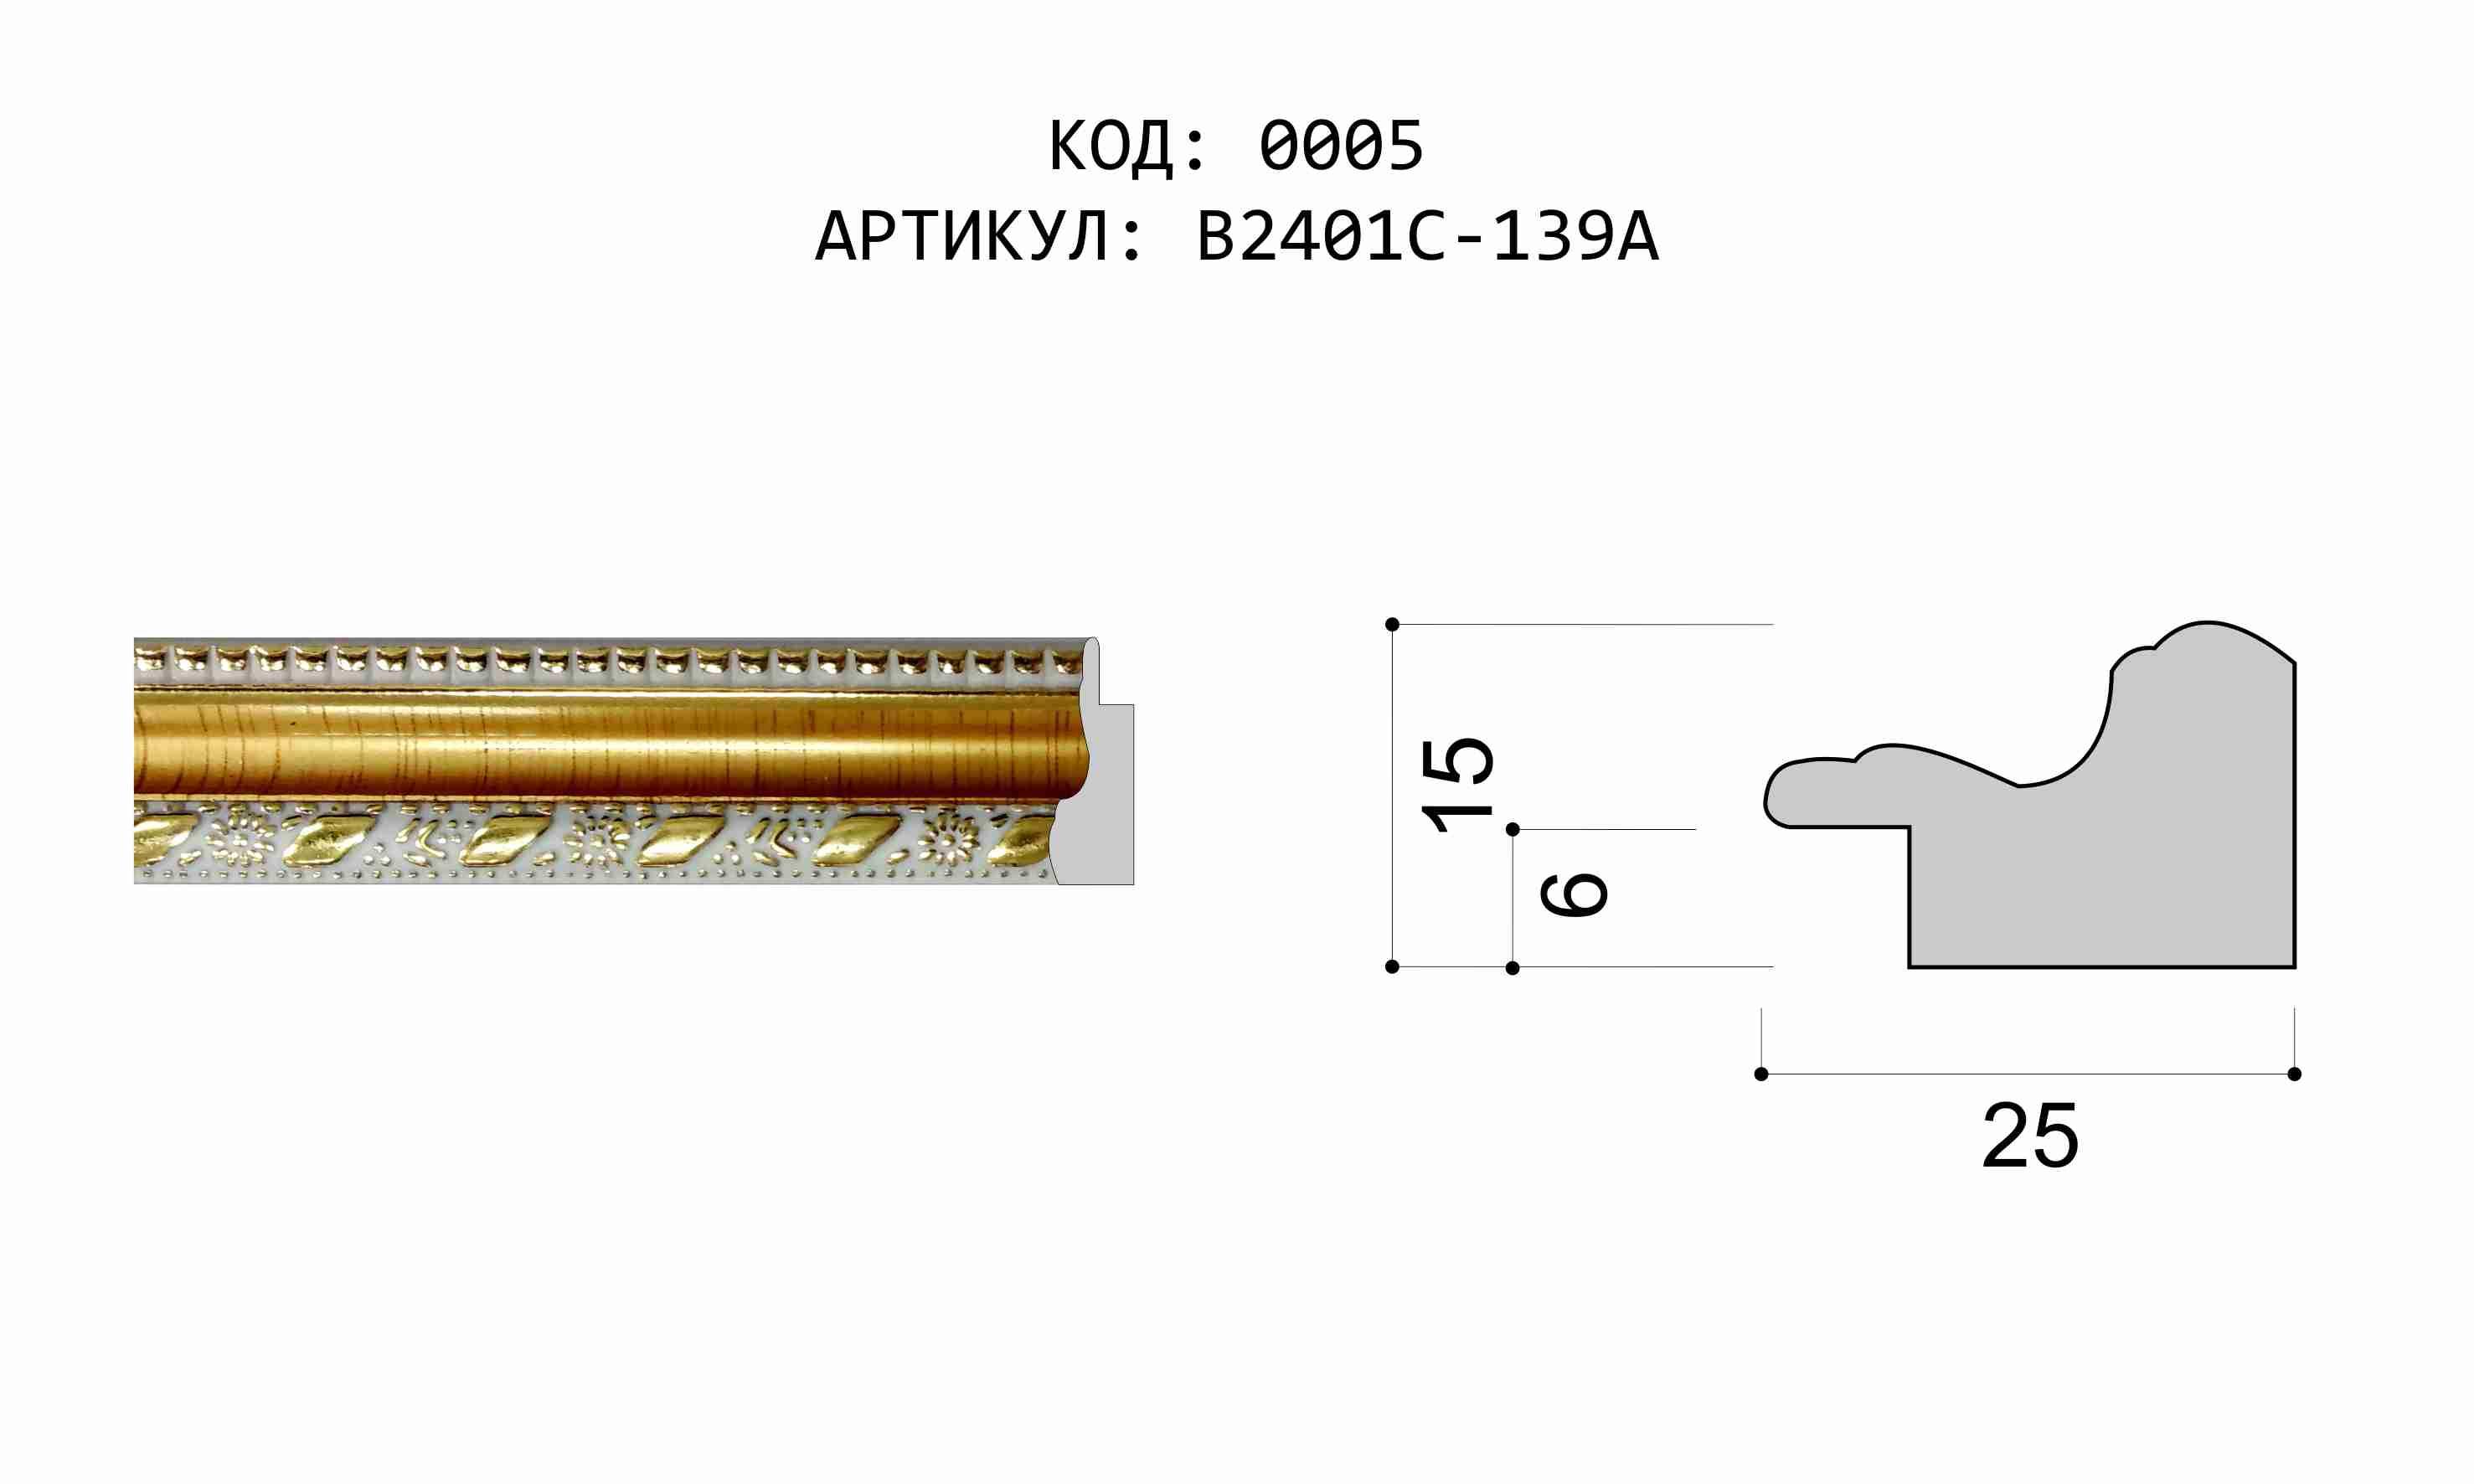 Артикул: B2401C-139A